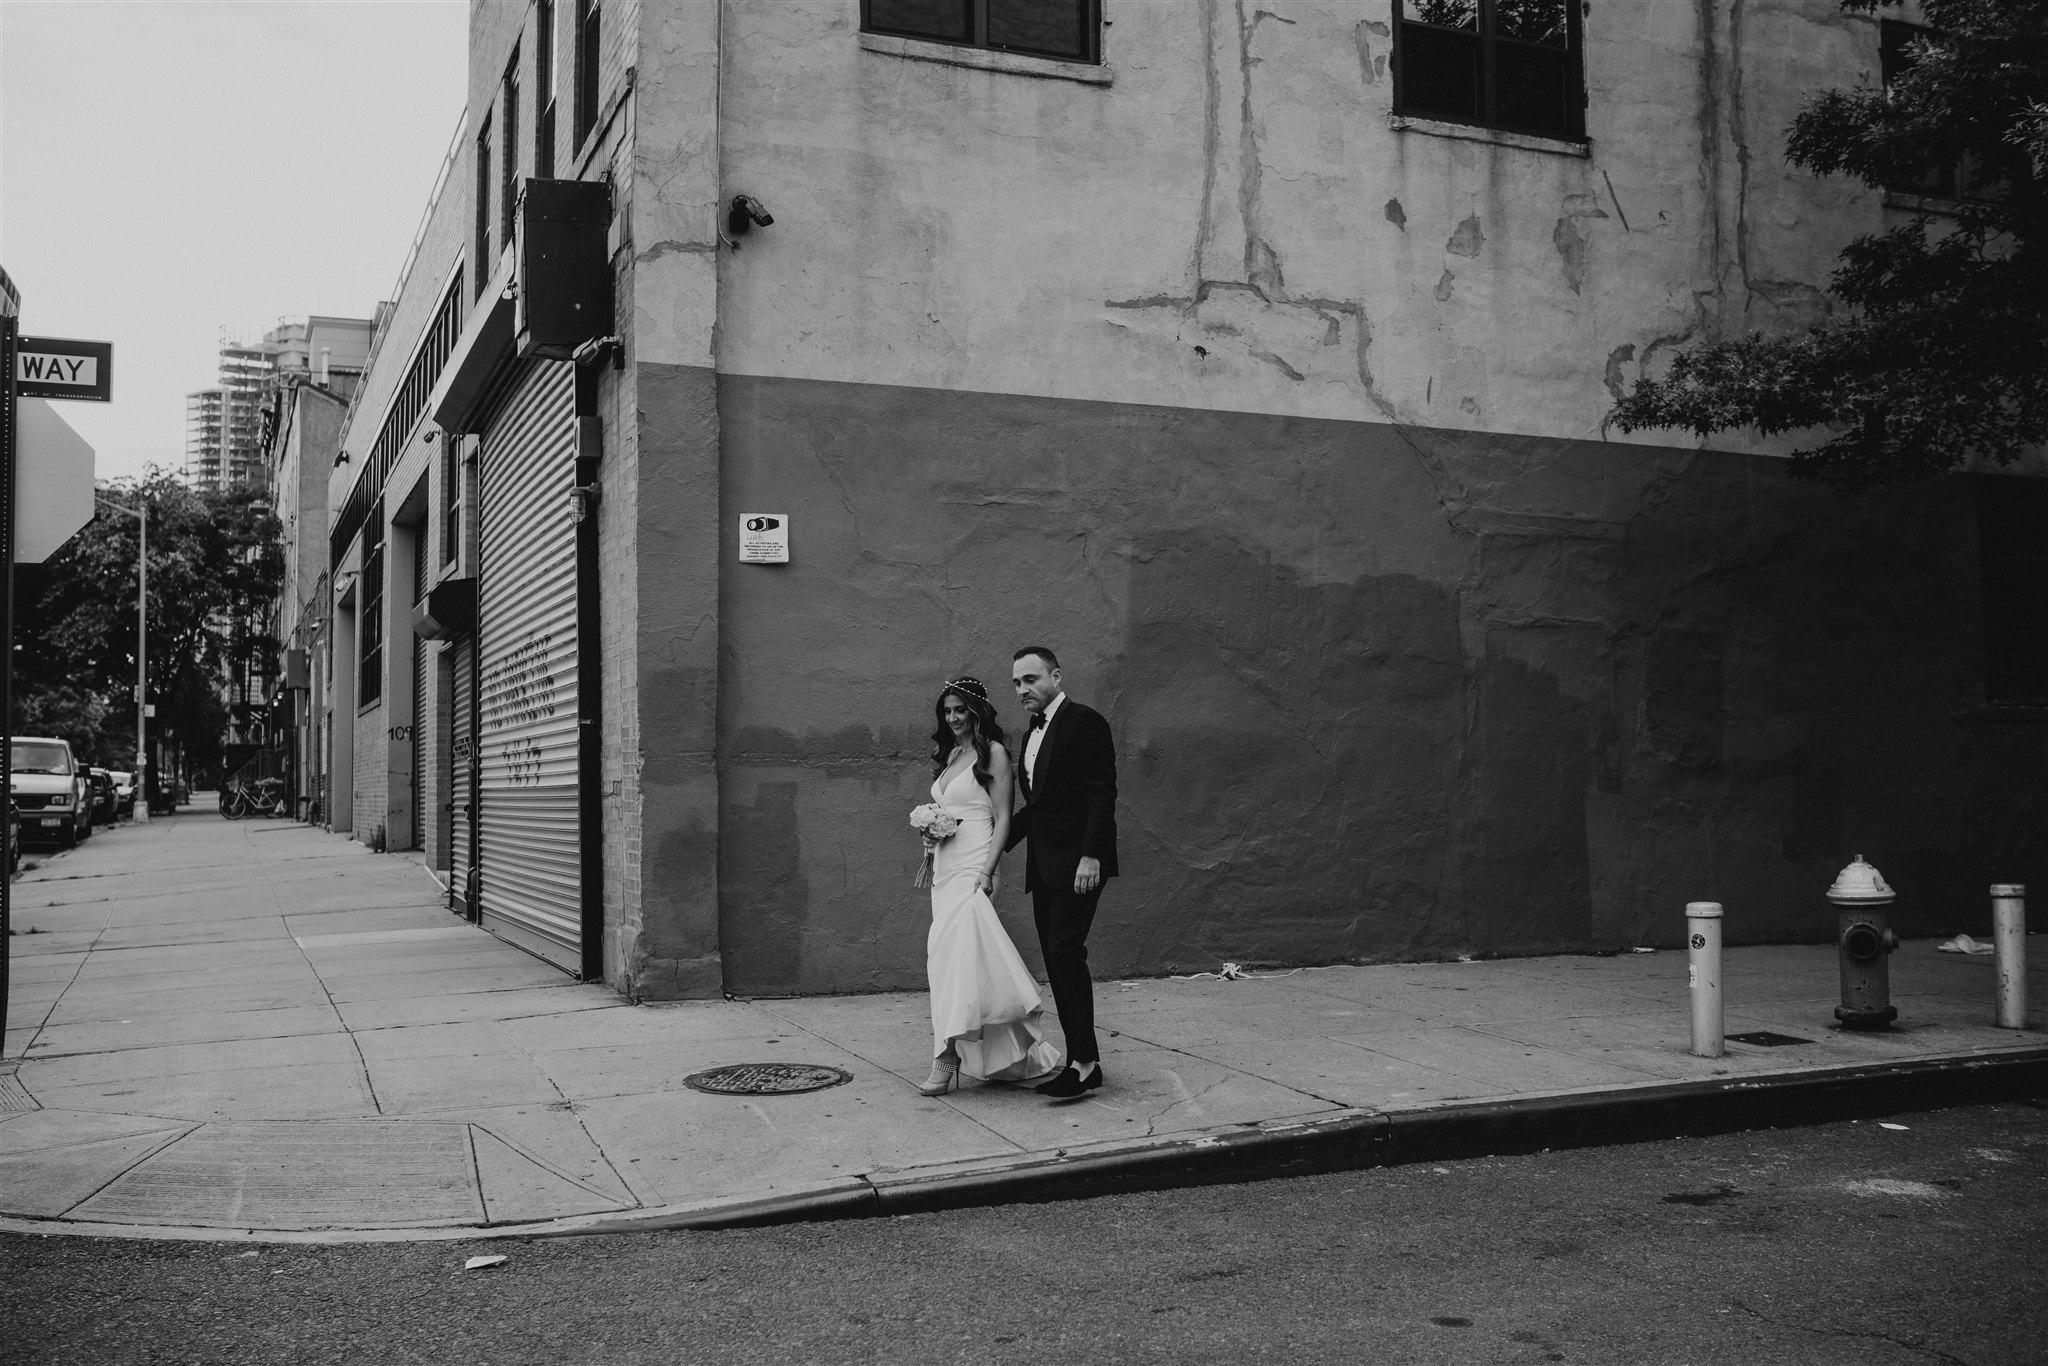 Chellise_Michael_Photography_Ramona_Brooklyn_Wedding_Photographer-412.jpg